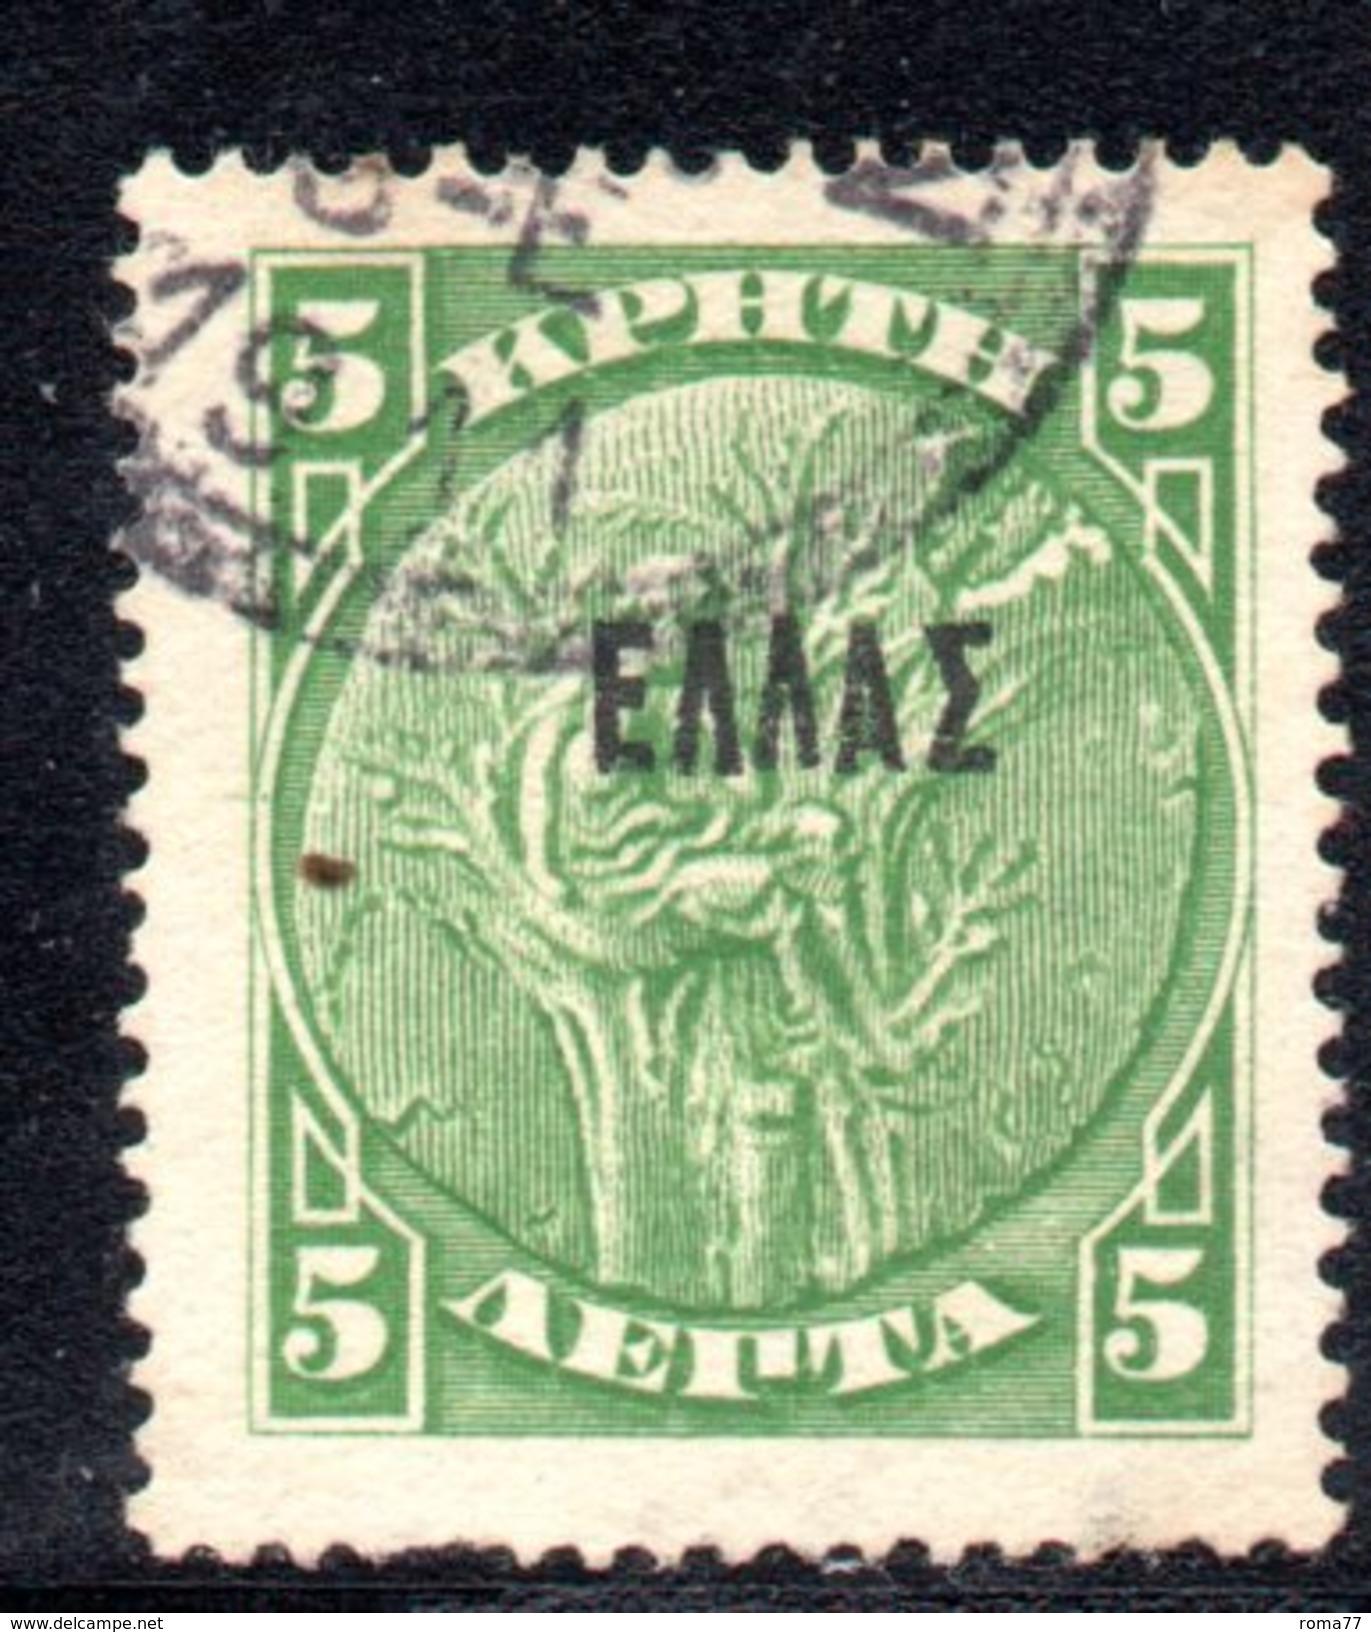 XP2906 - CRETA , 5  Lepta Verde  Usato : Soprastampa Nera - Creta